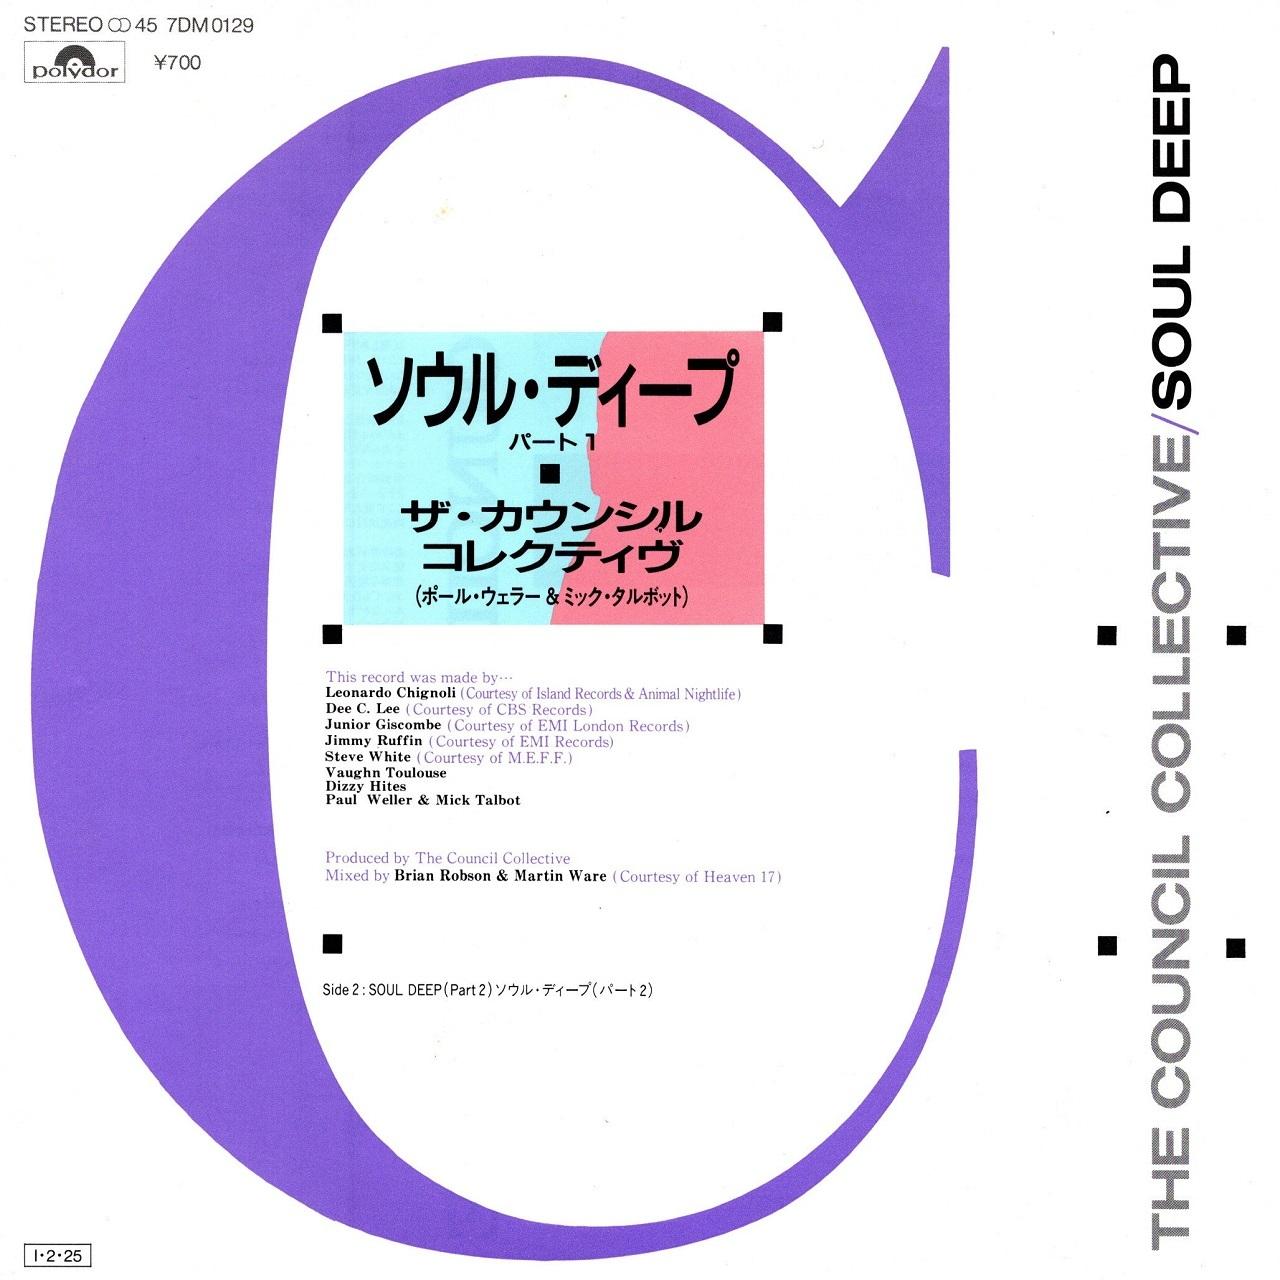 【7inch・国内盤】ザ・カウンシル・コレクティヴ(スタイル・カウンシル) / ソウル・ディープ(パート1)